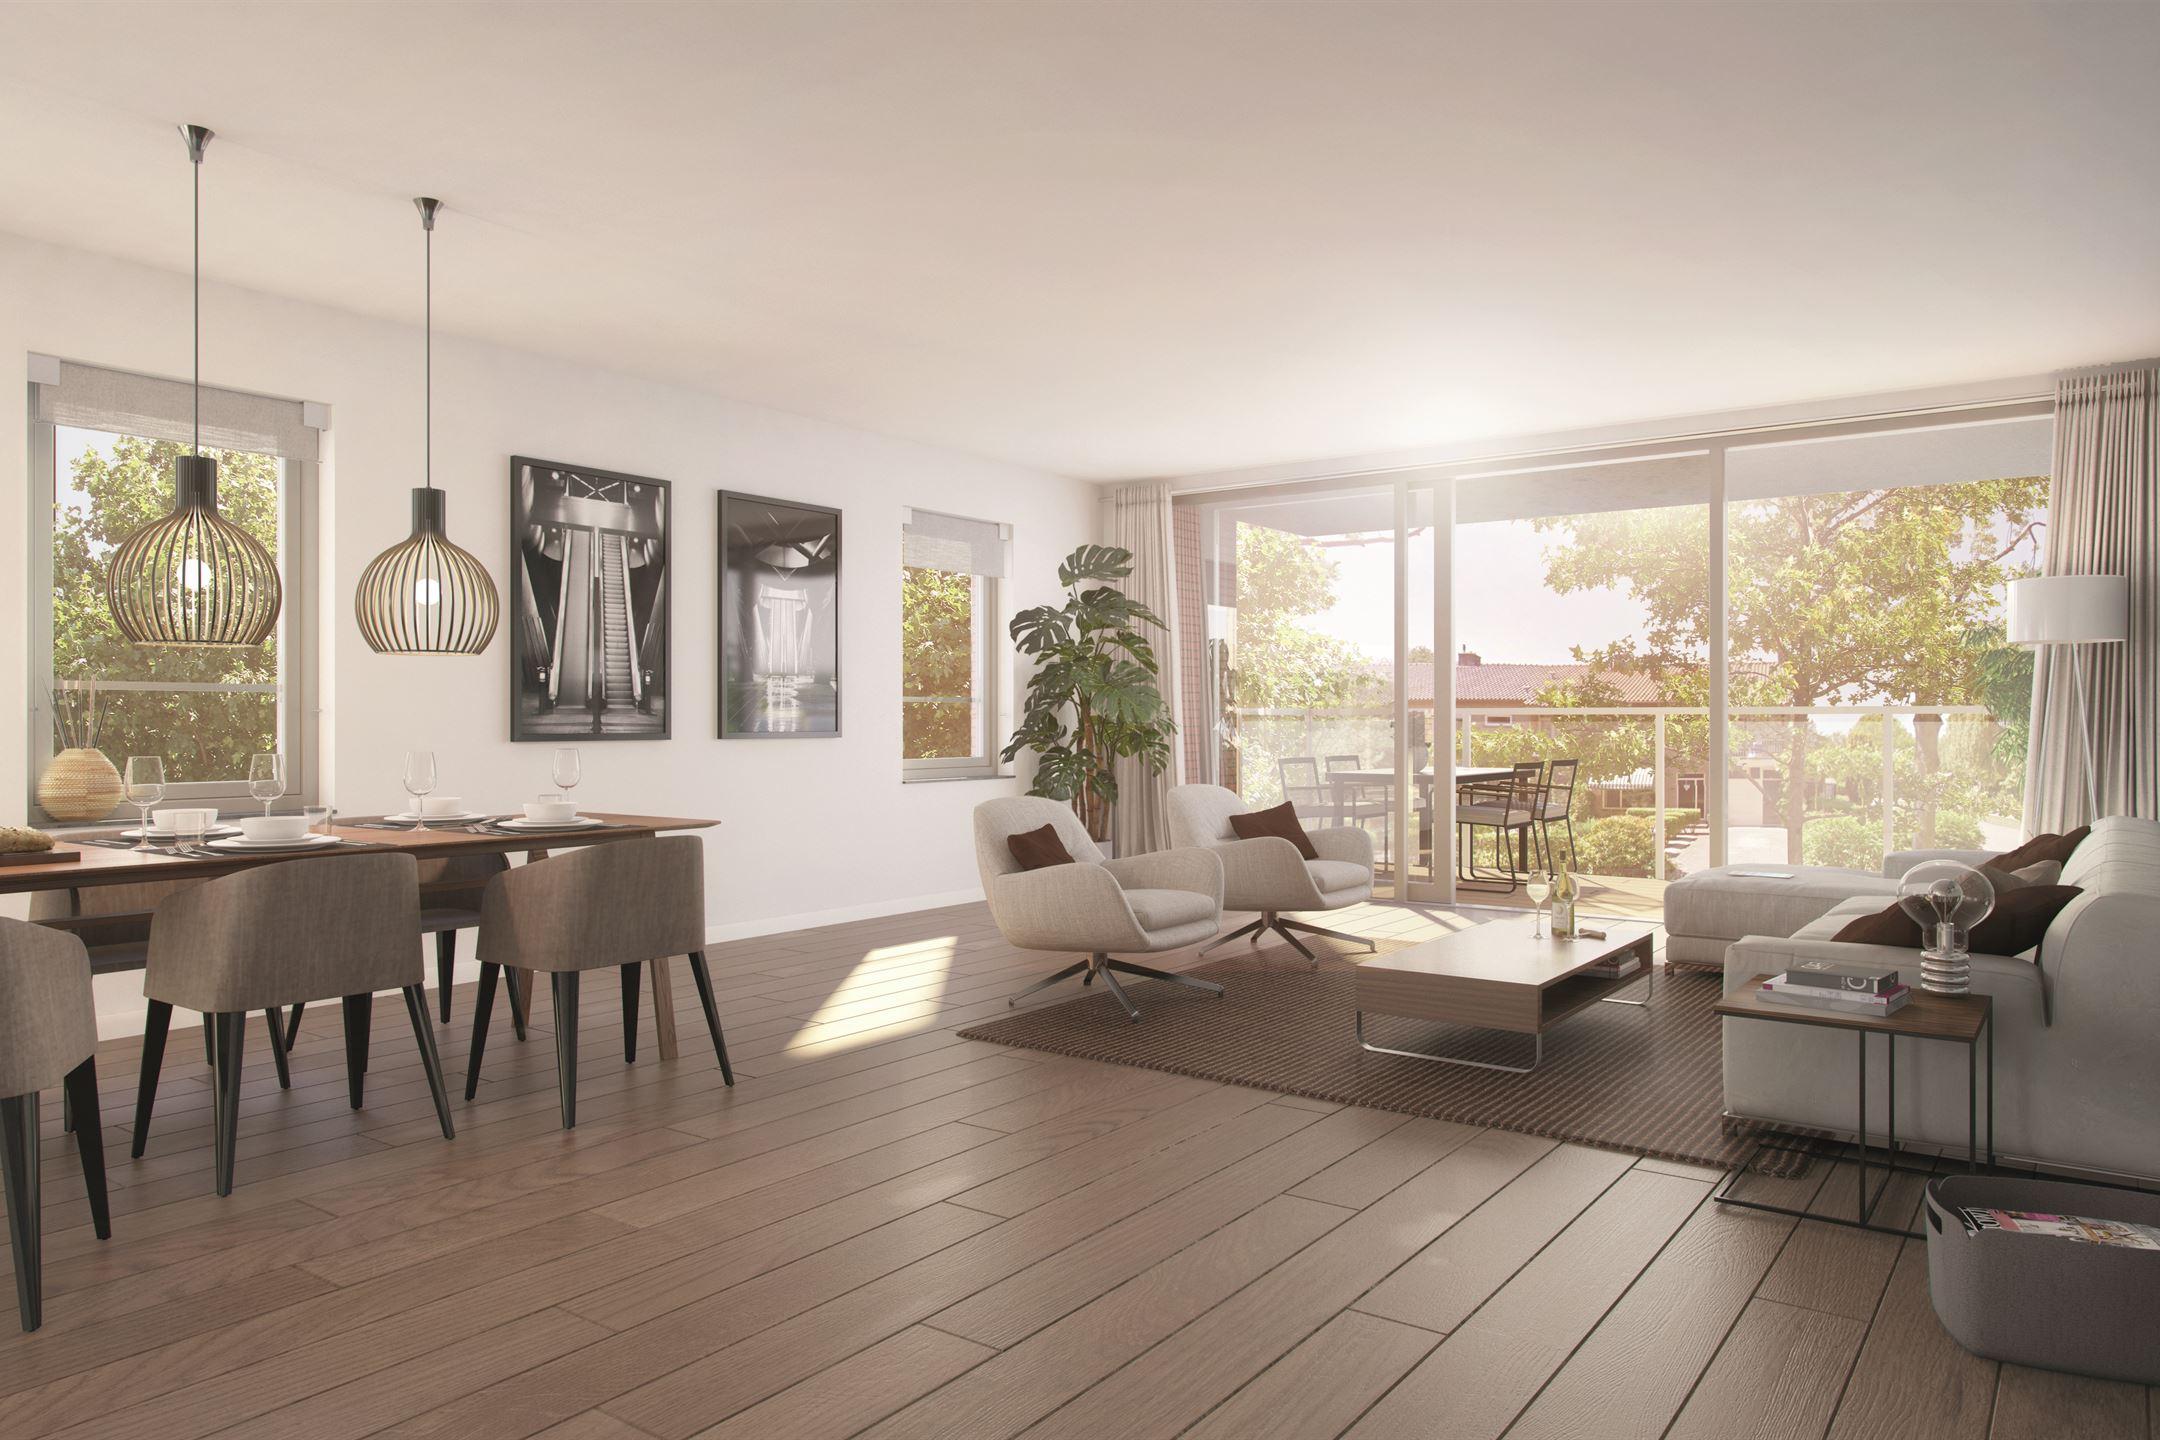 Appartement te koop: emma bouwnr. 14 3136 vlaardingen [funda]